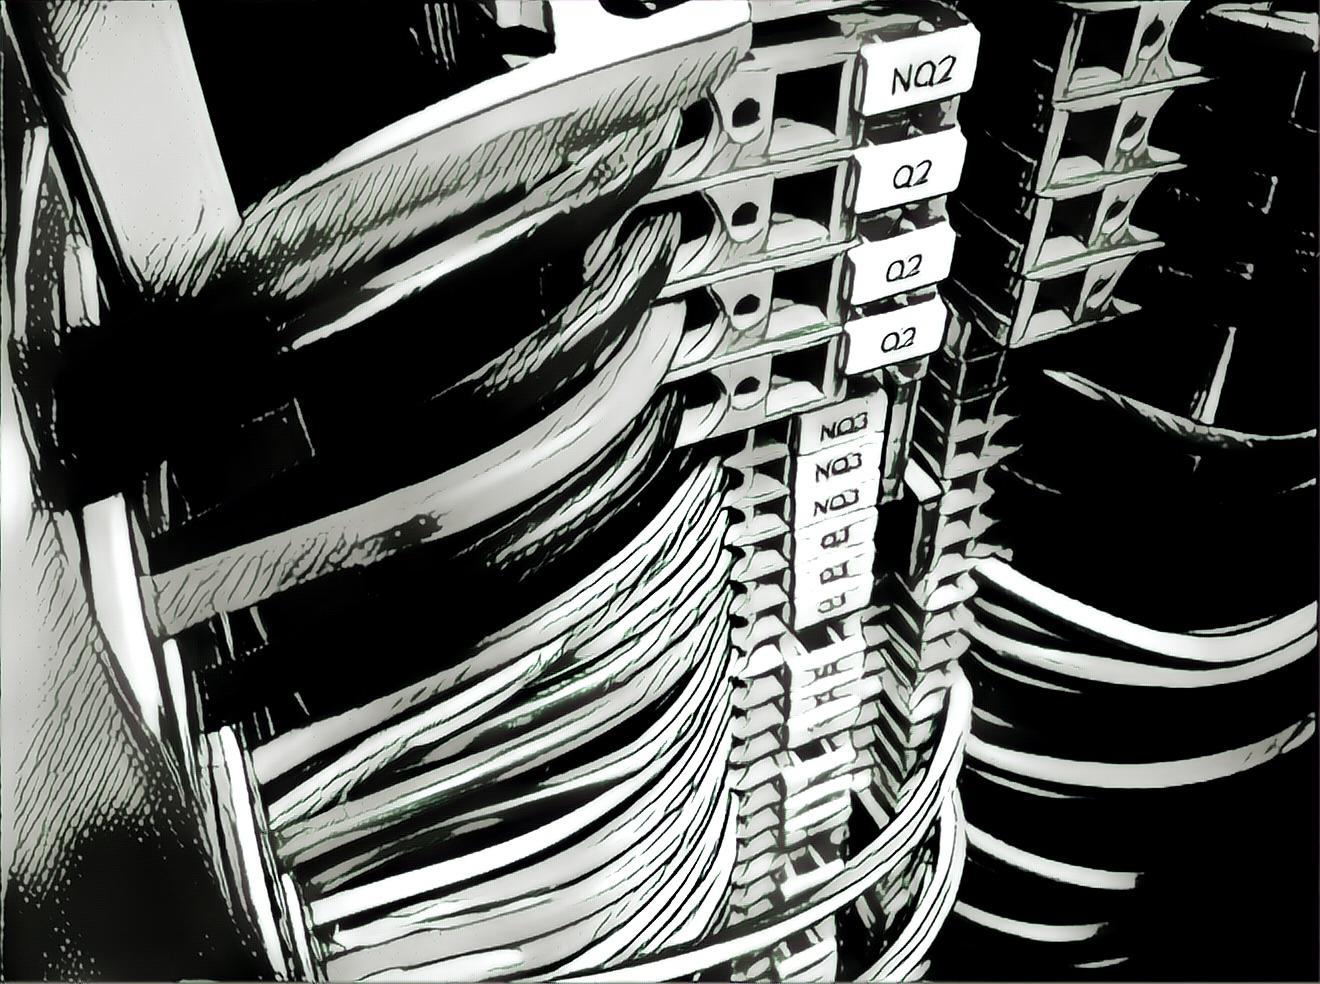 NT24.it per l'aggiornamento di elettricisti e progettisti